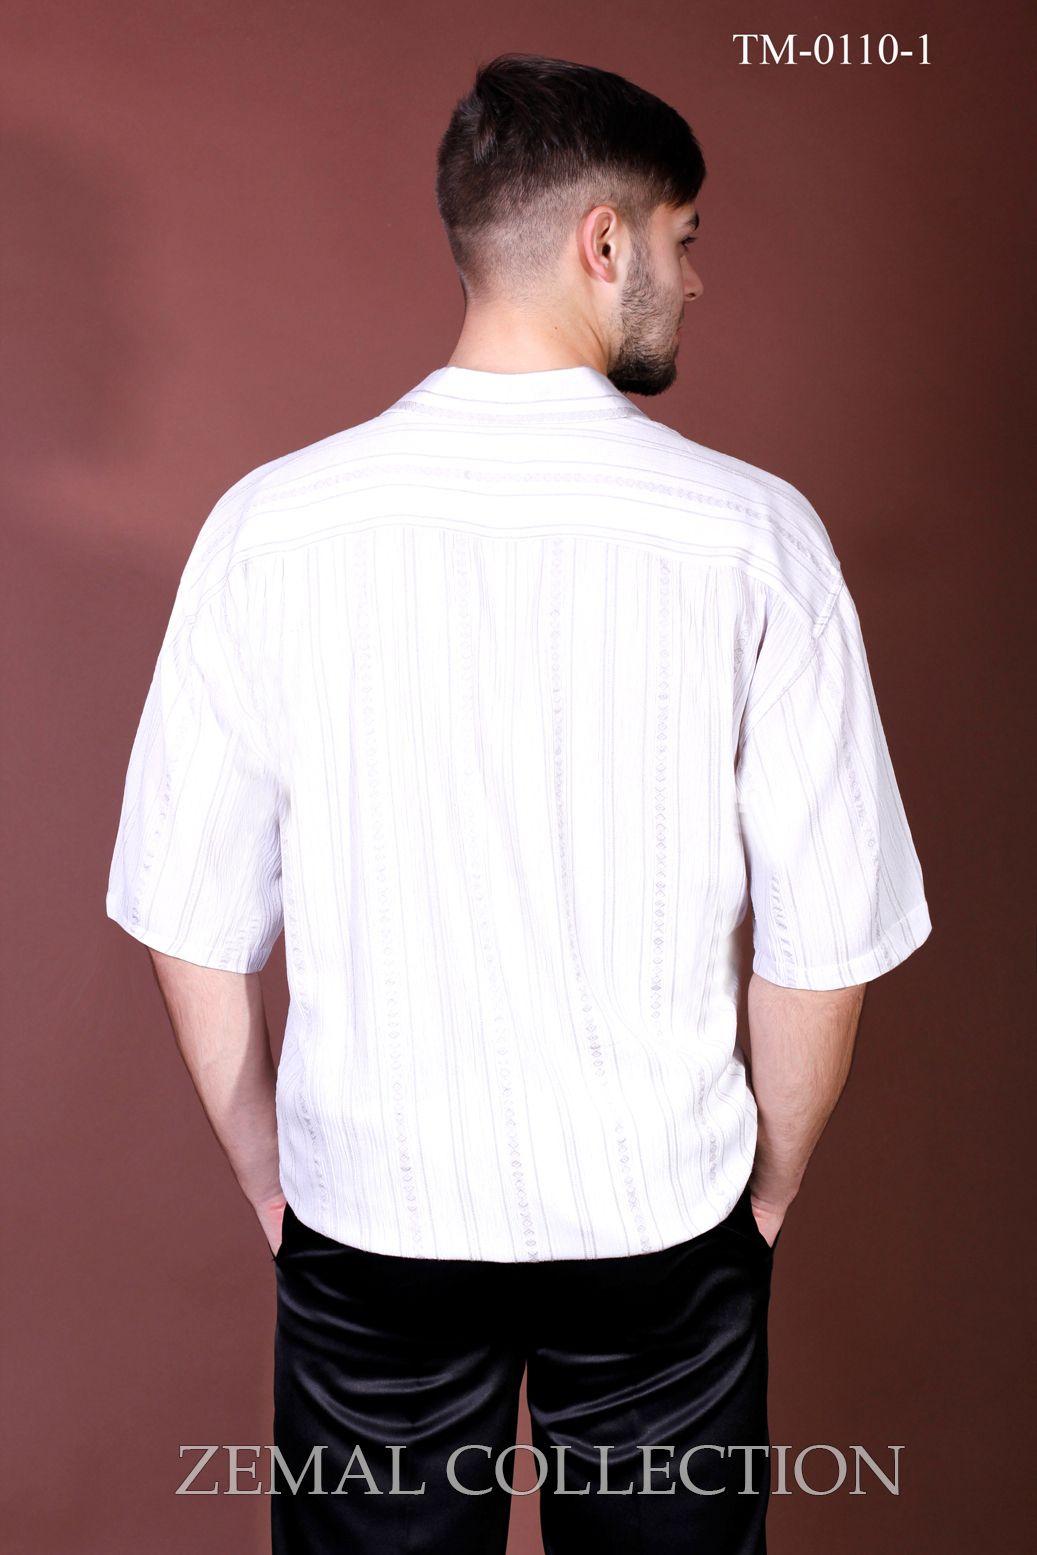 Сорочка tm-0110 купить на сайте производителя